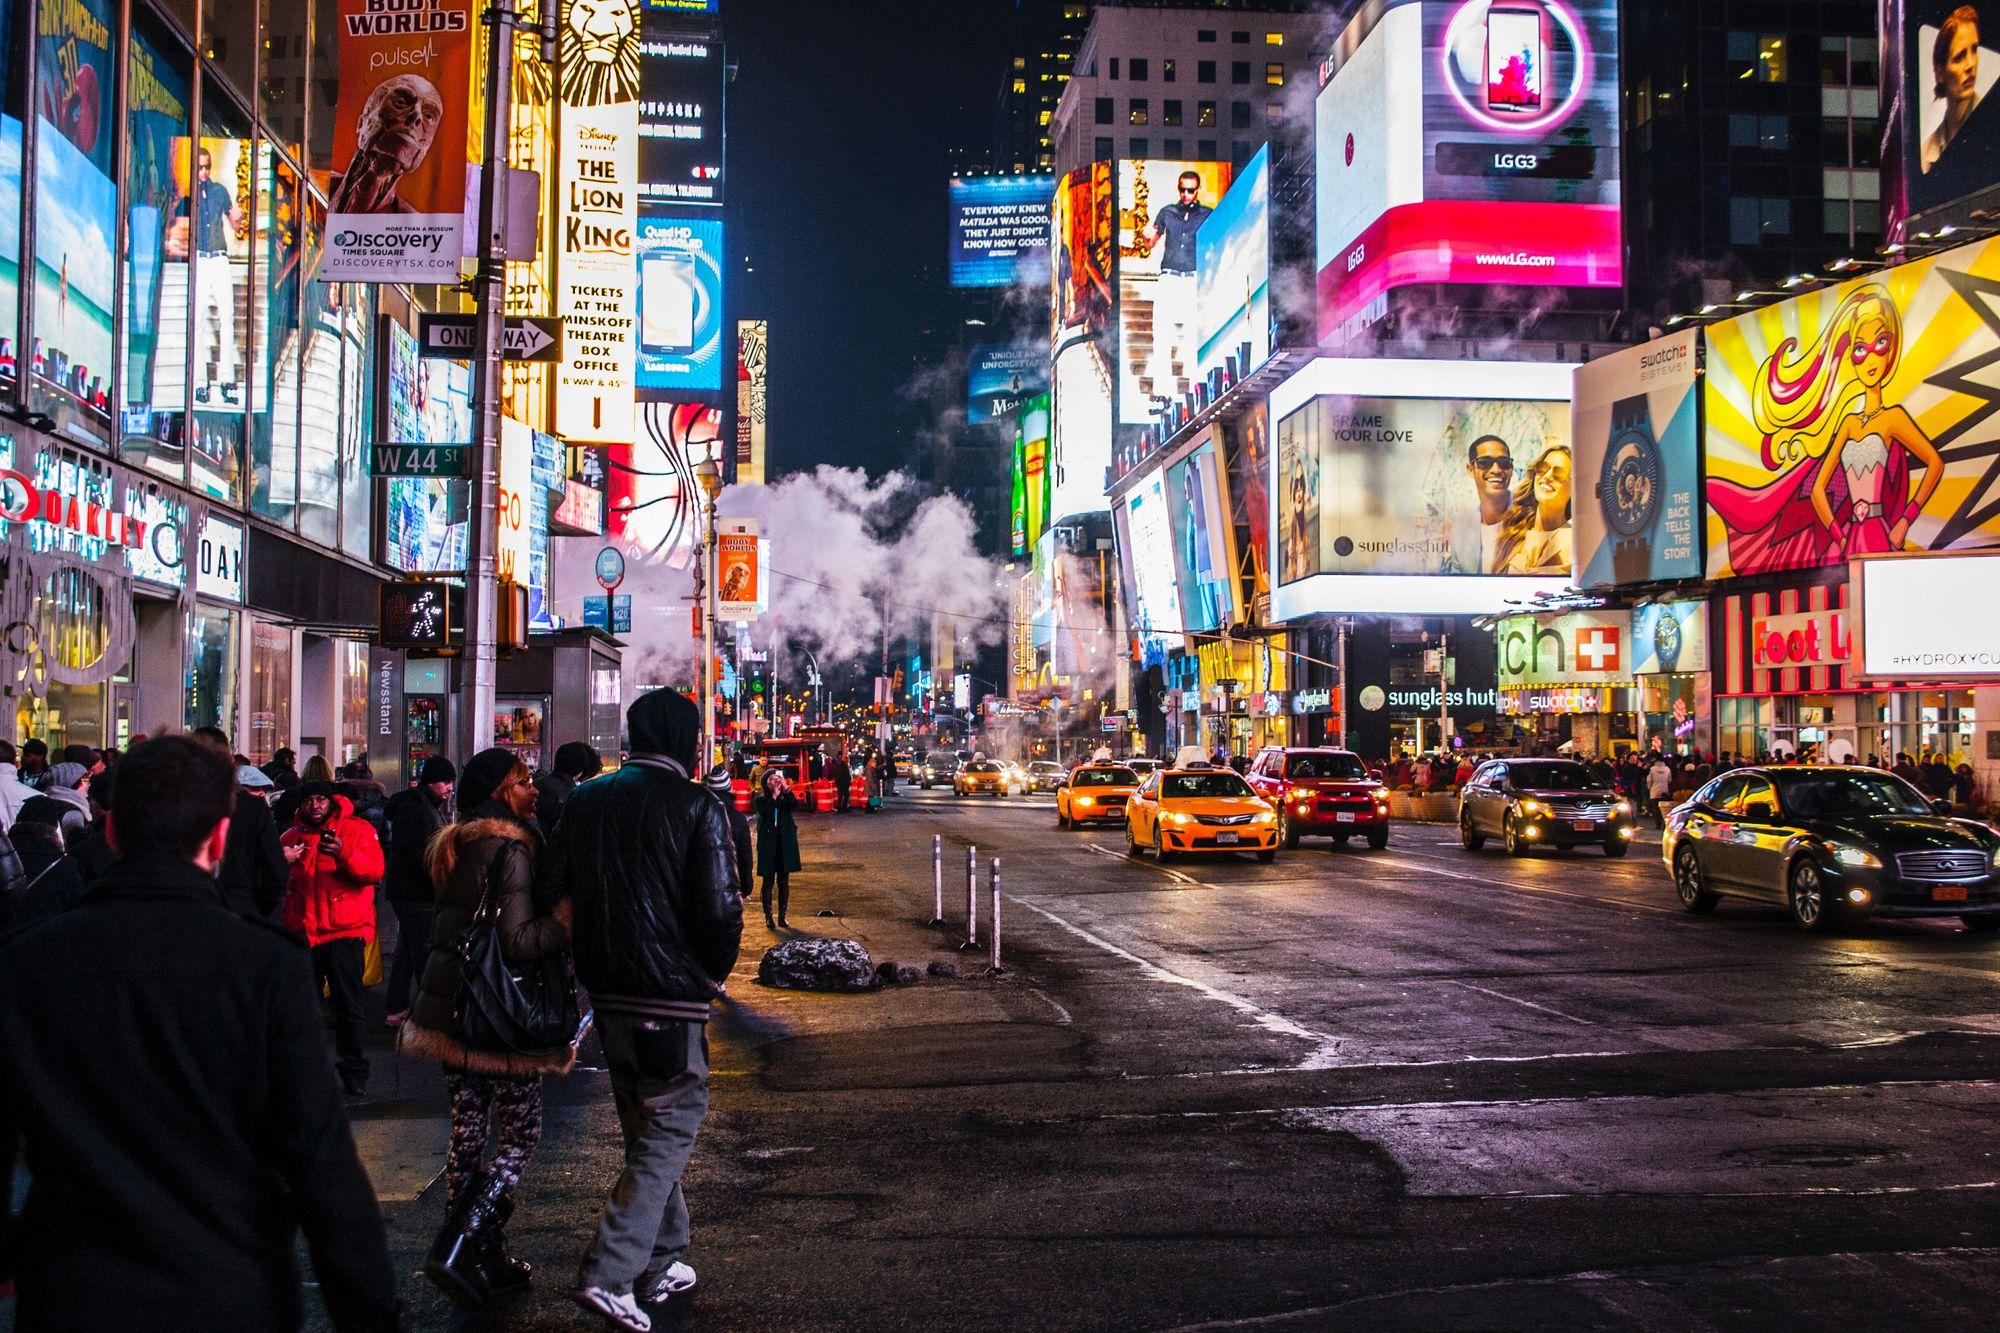 Planejamento de campanha publicitária: confira o passo a passo e três tendências de marketing para 2019